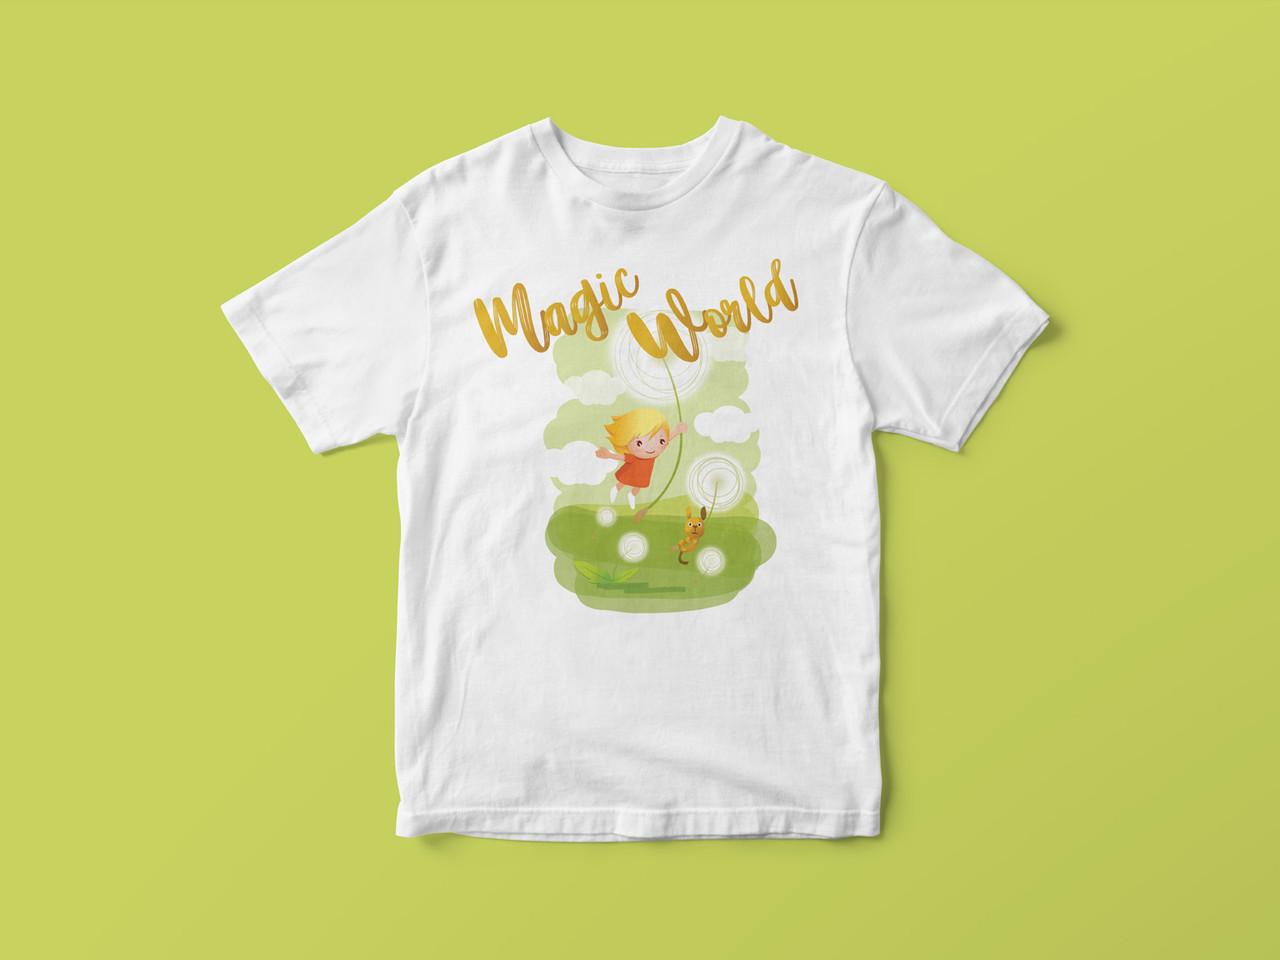 Детская футболка с принтом. Magic World 1. Хлопок 100%. Размеры от 3 до 12 лет